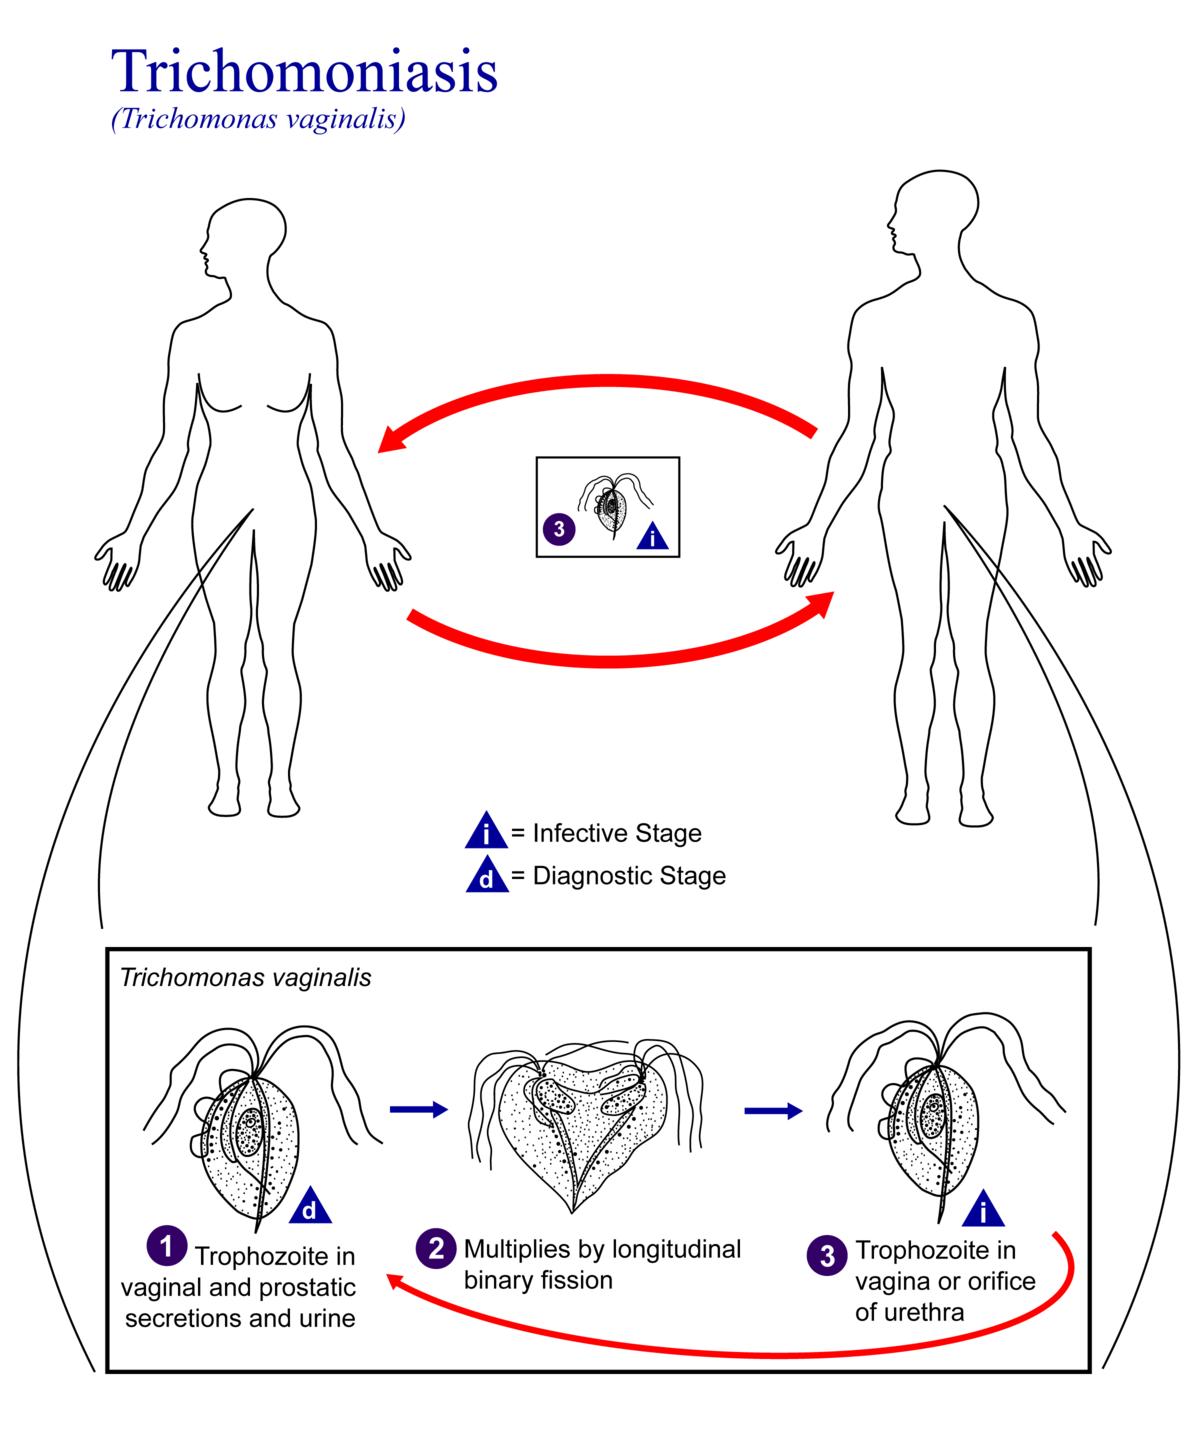 a pénisz fájdalmával, az okával aggódó erekció eltűnik